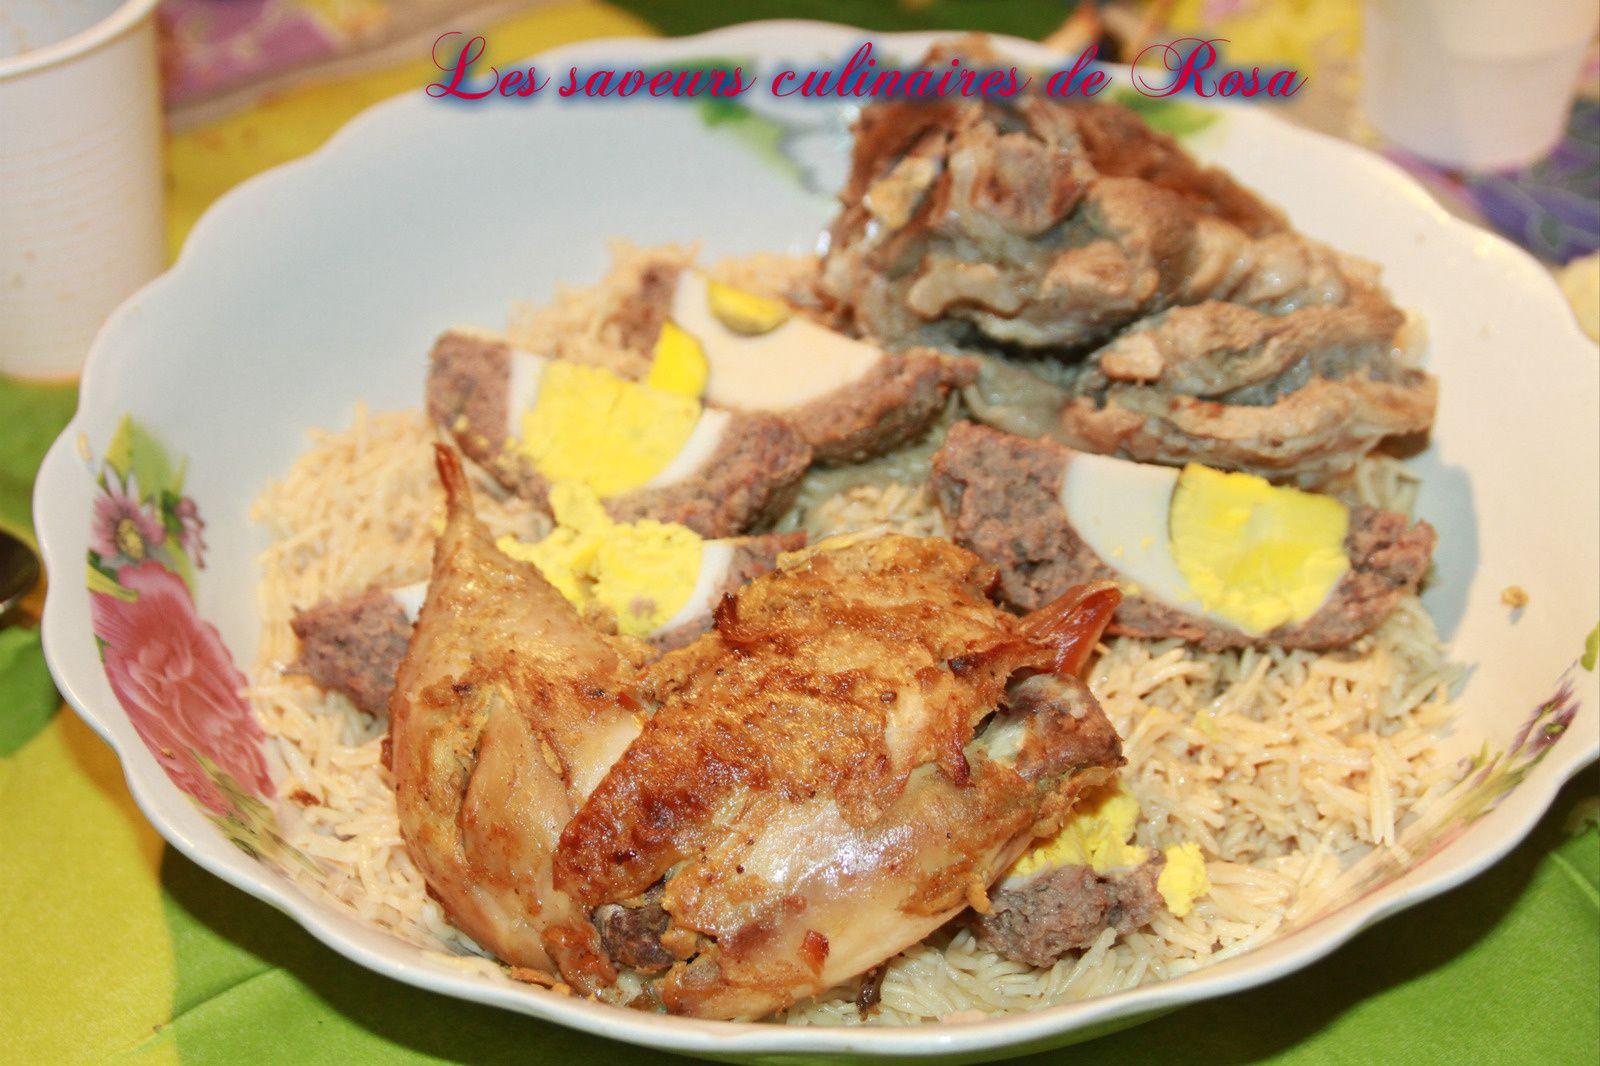 3ème plat Gritlia ( recette à venir)